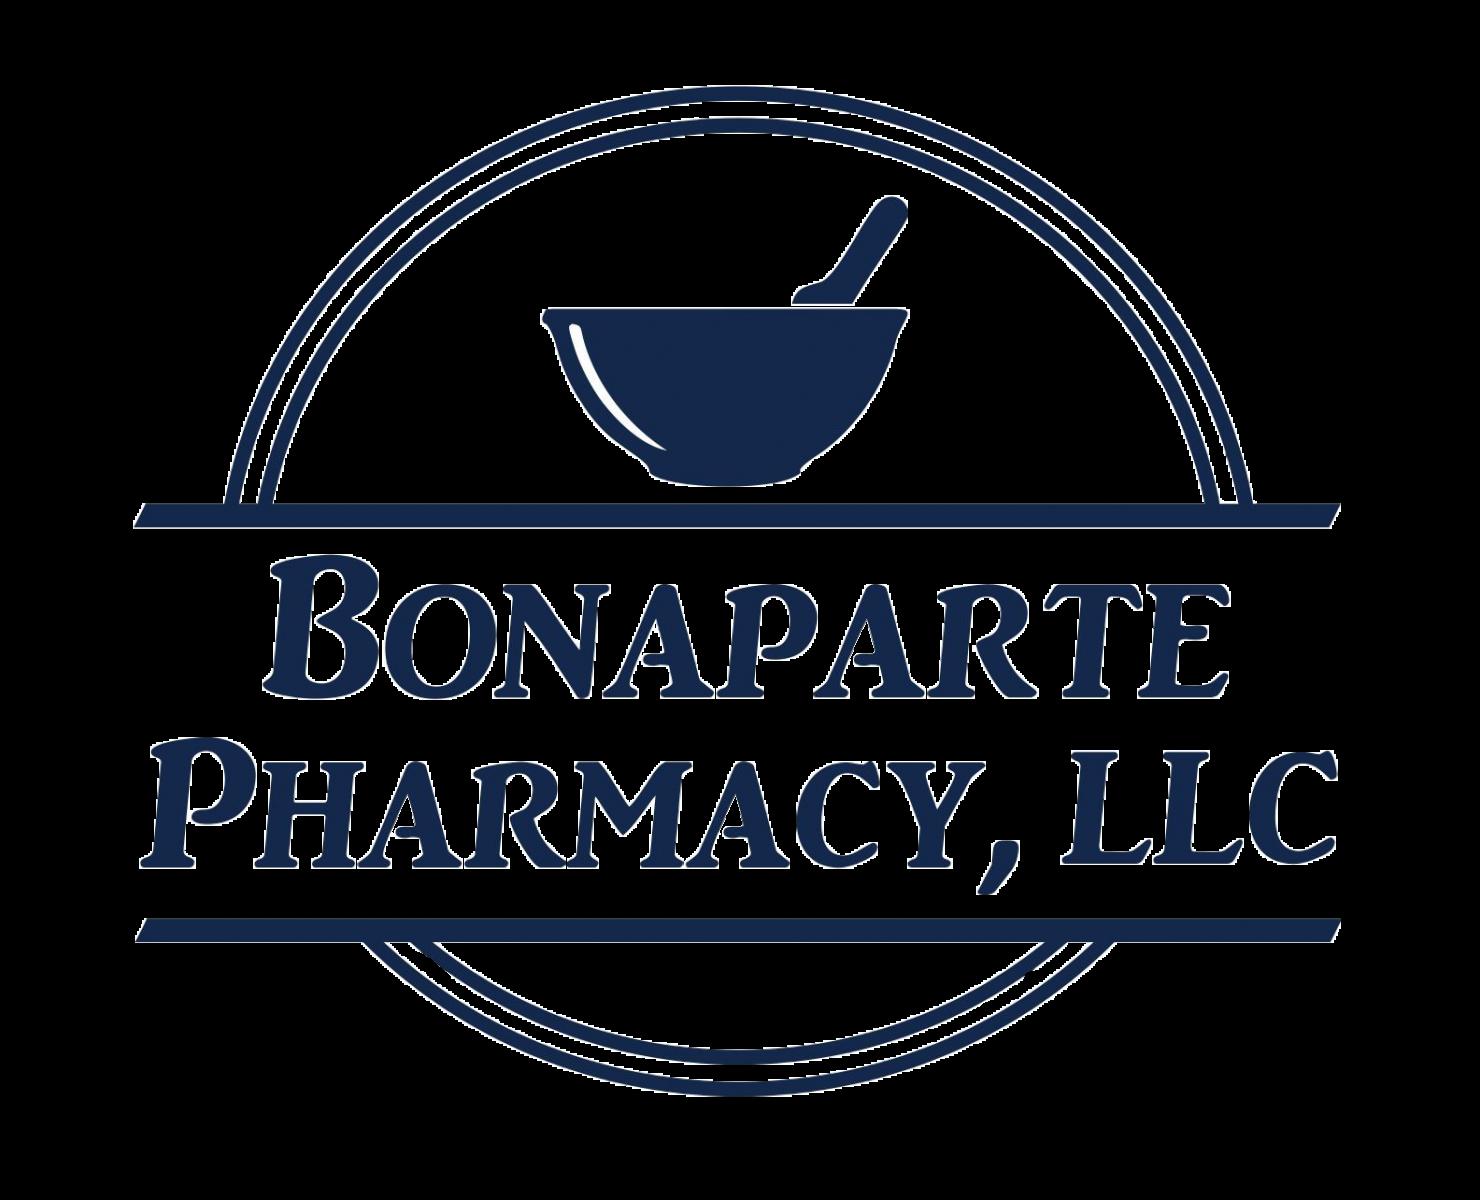 .Bonaparte pharmacy